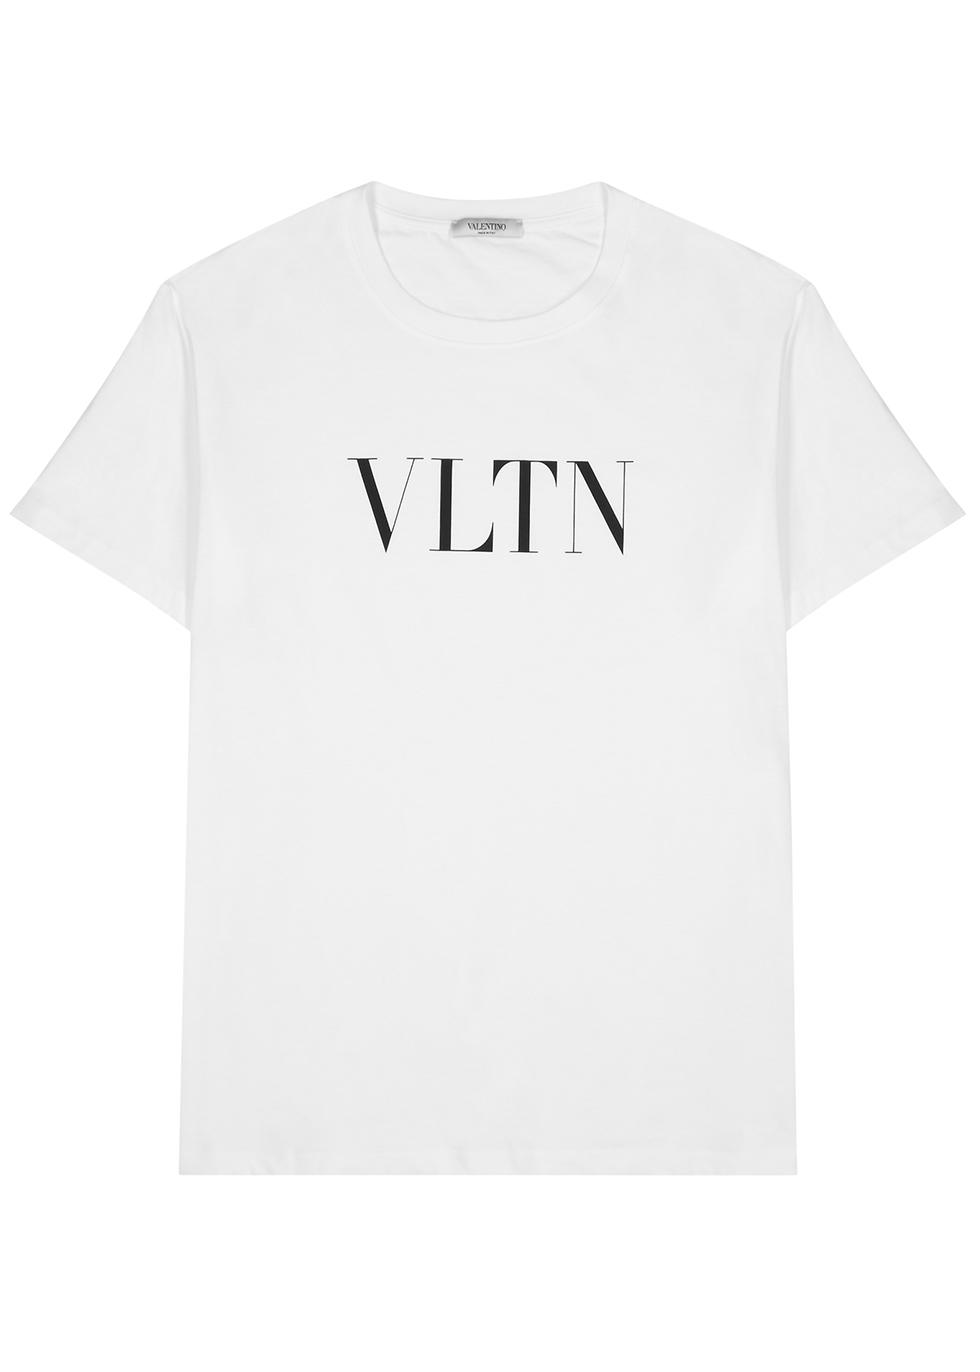 VLTN black cotton T-shirt